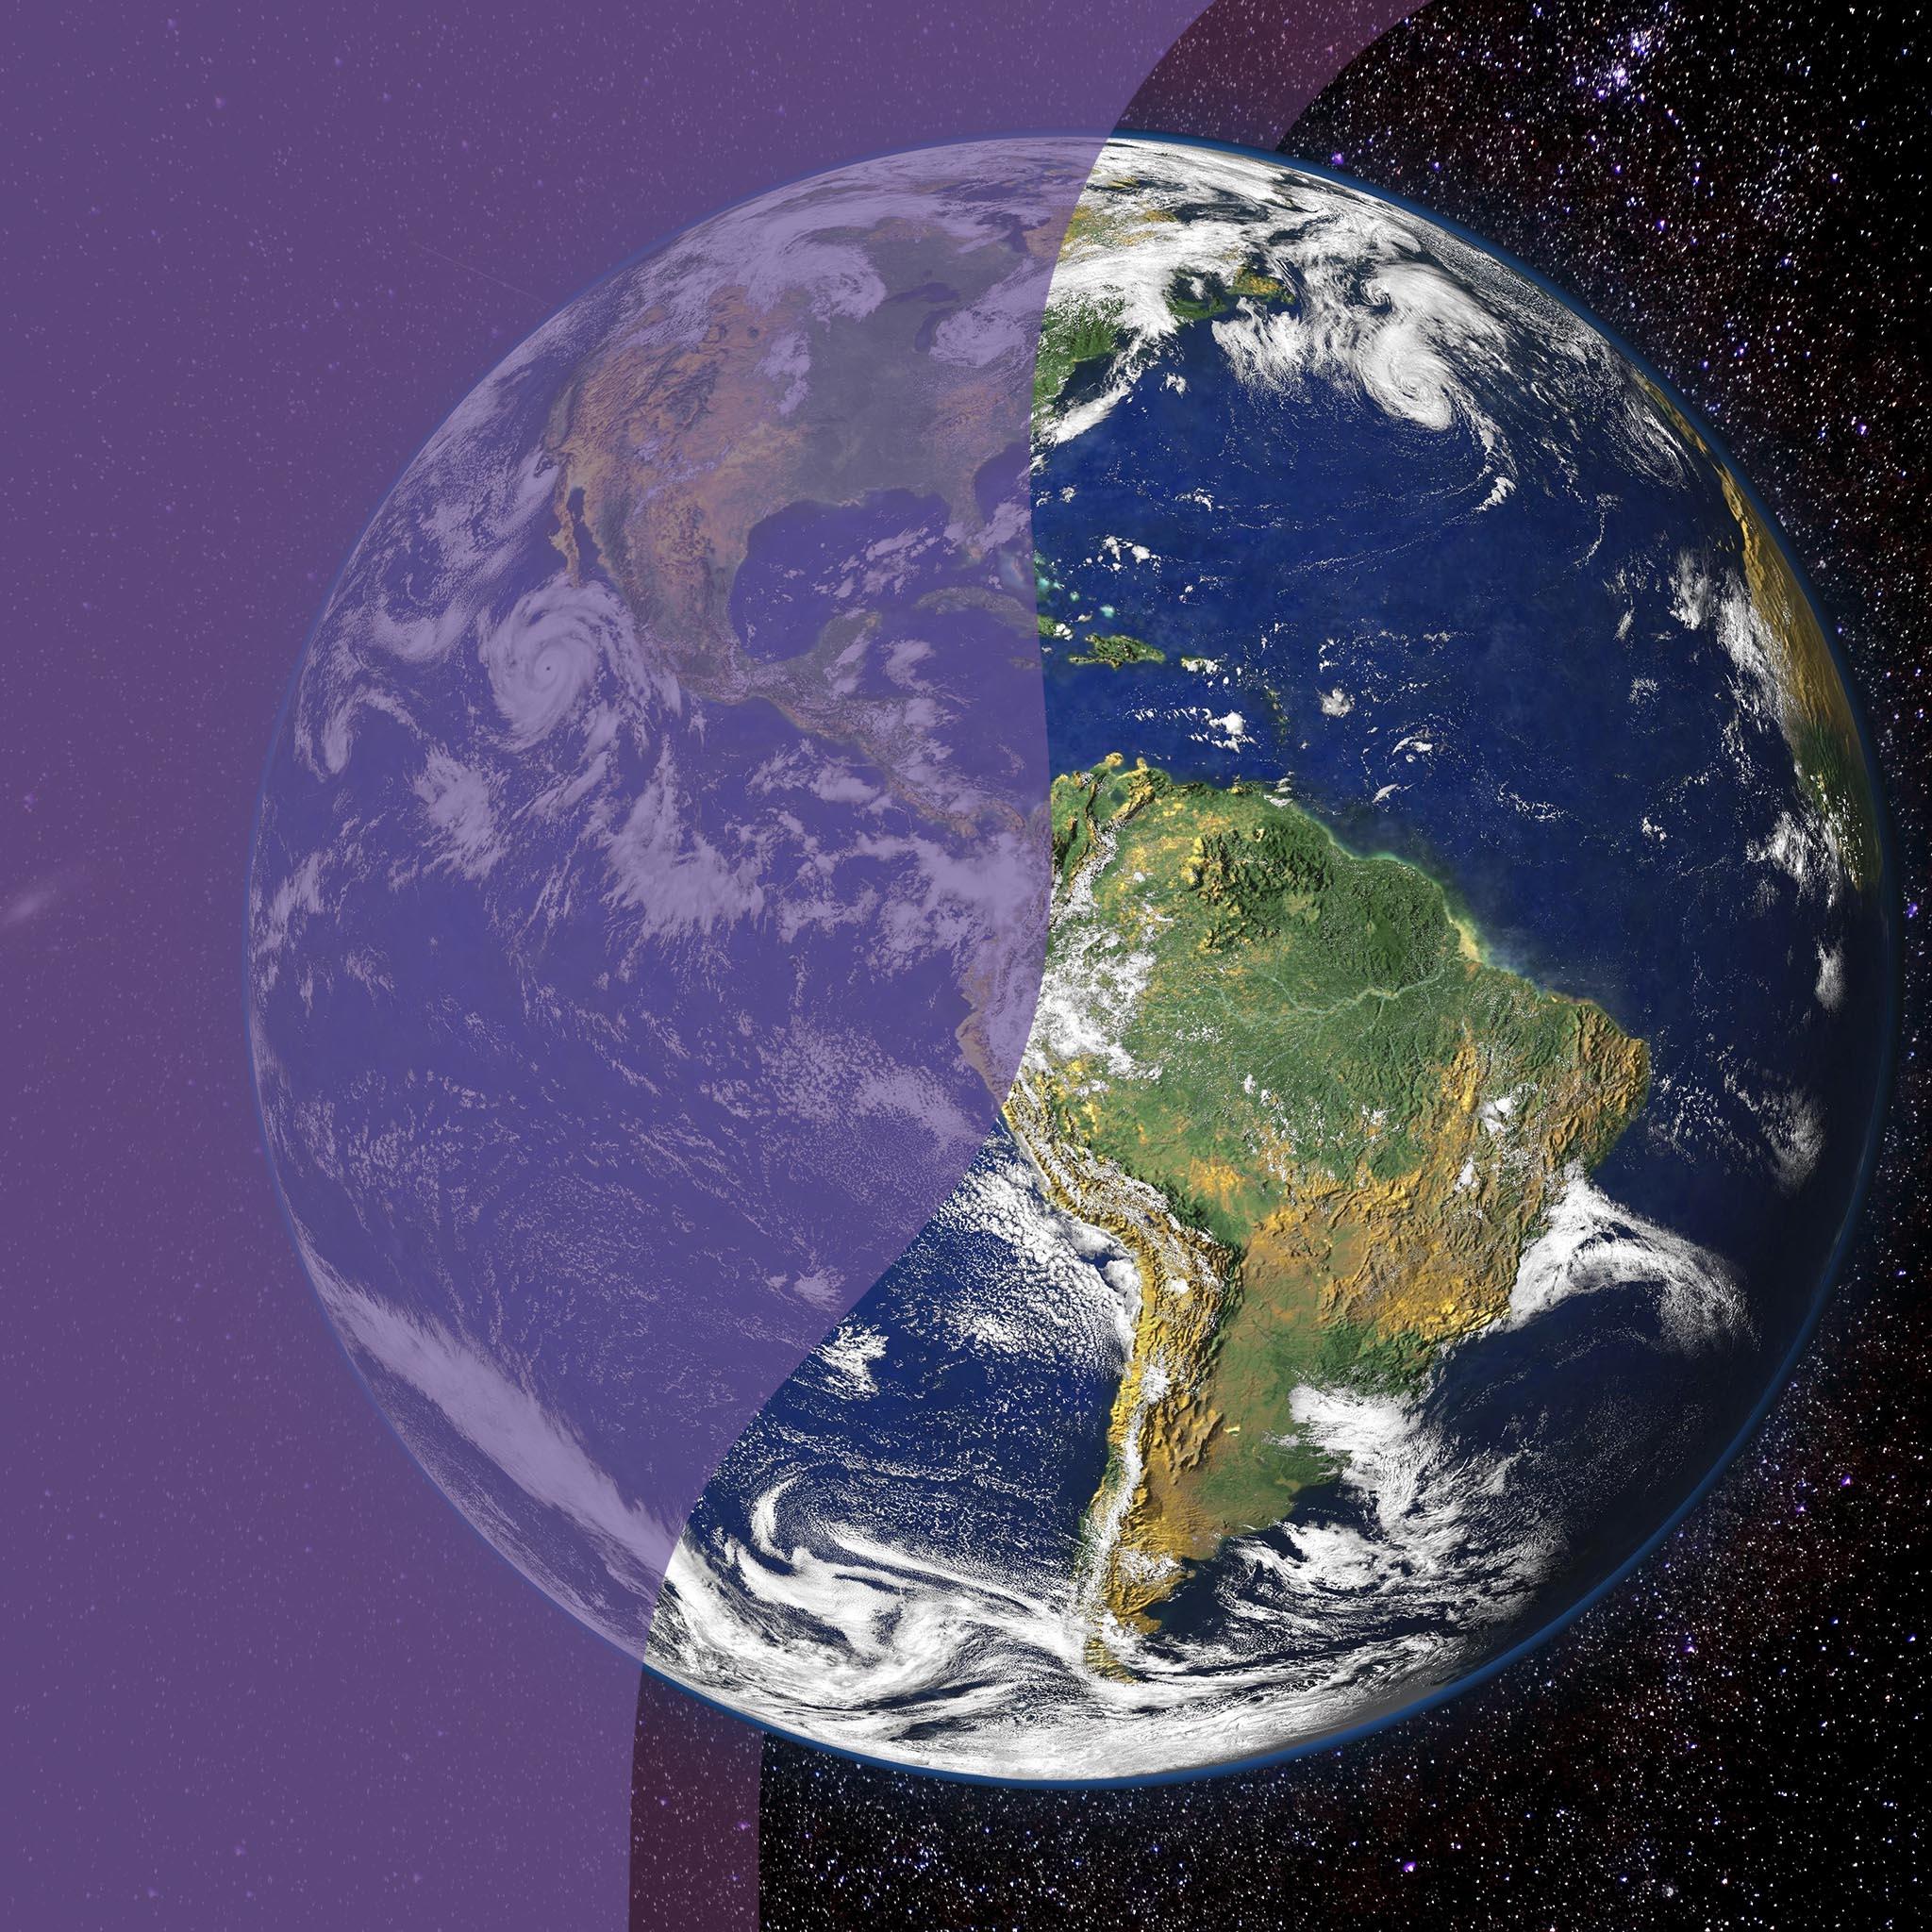 El día de la Tierra, desde nuestras casas